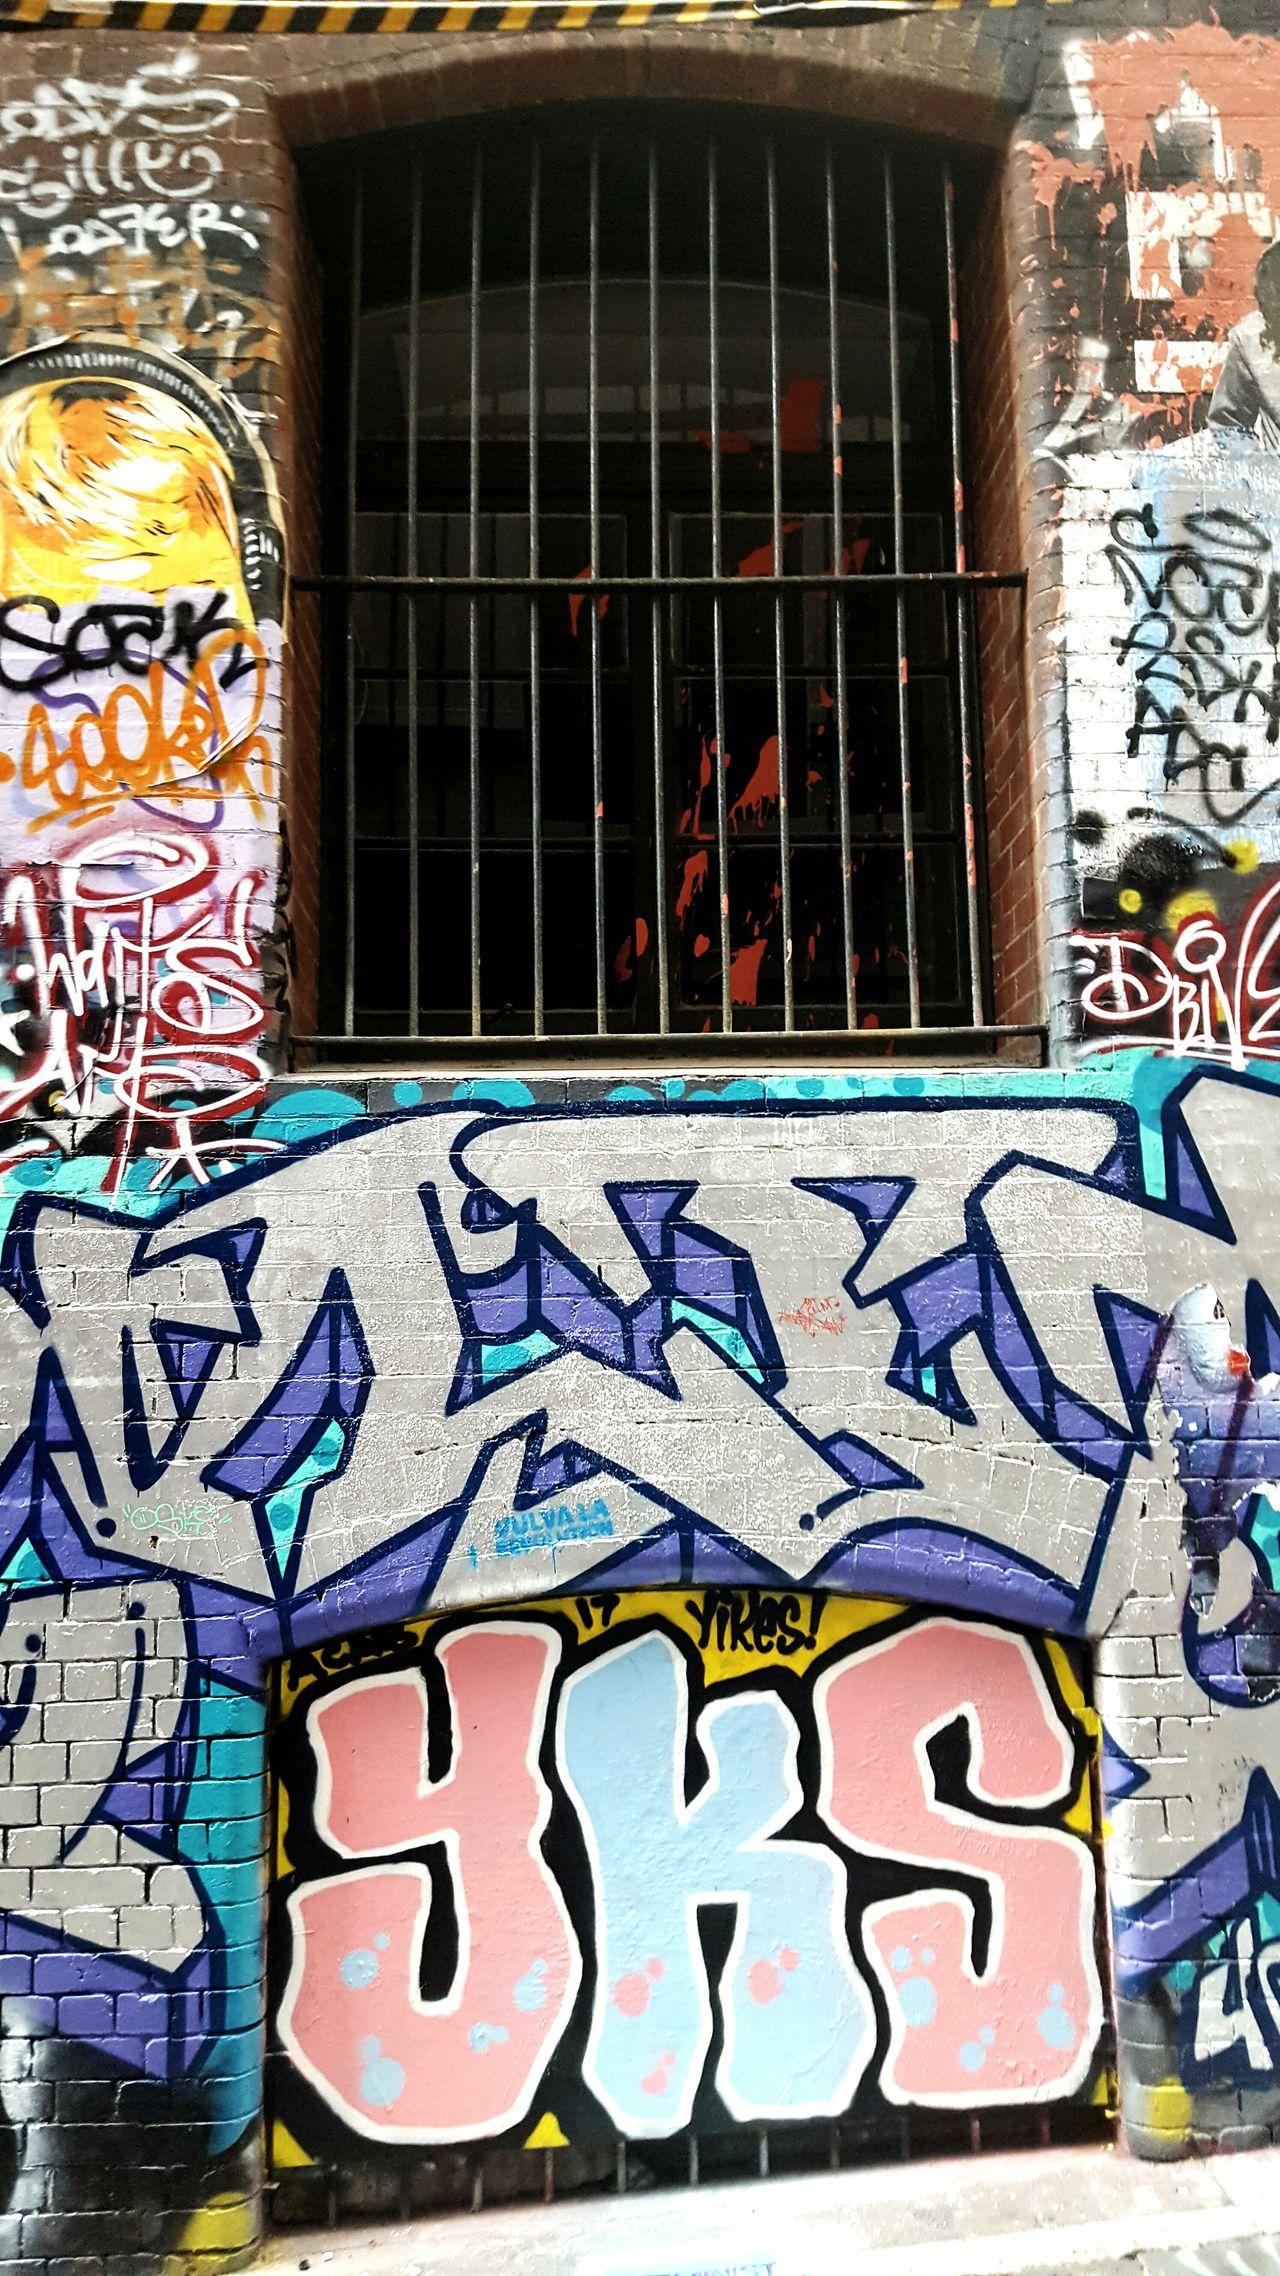 Urban melbourne art Laneway Art Graffeti